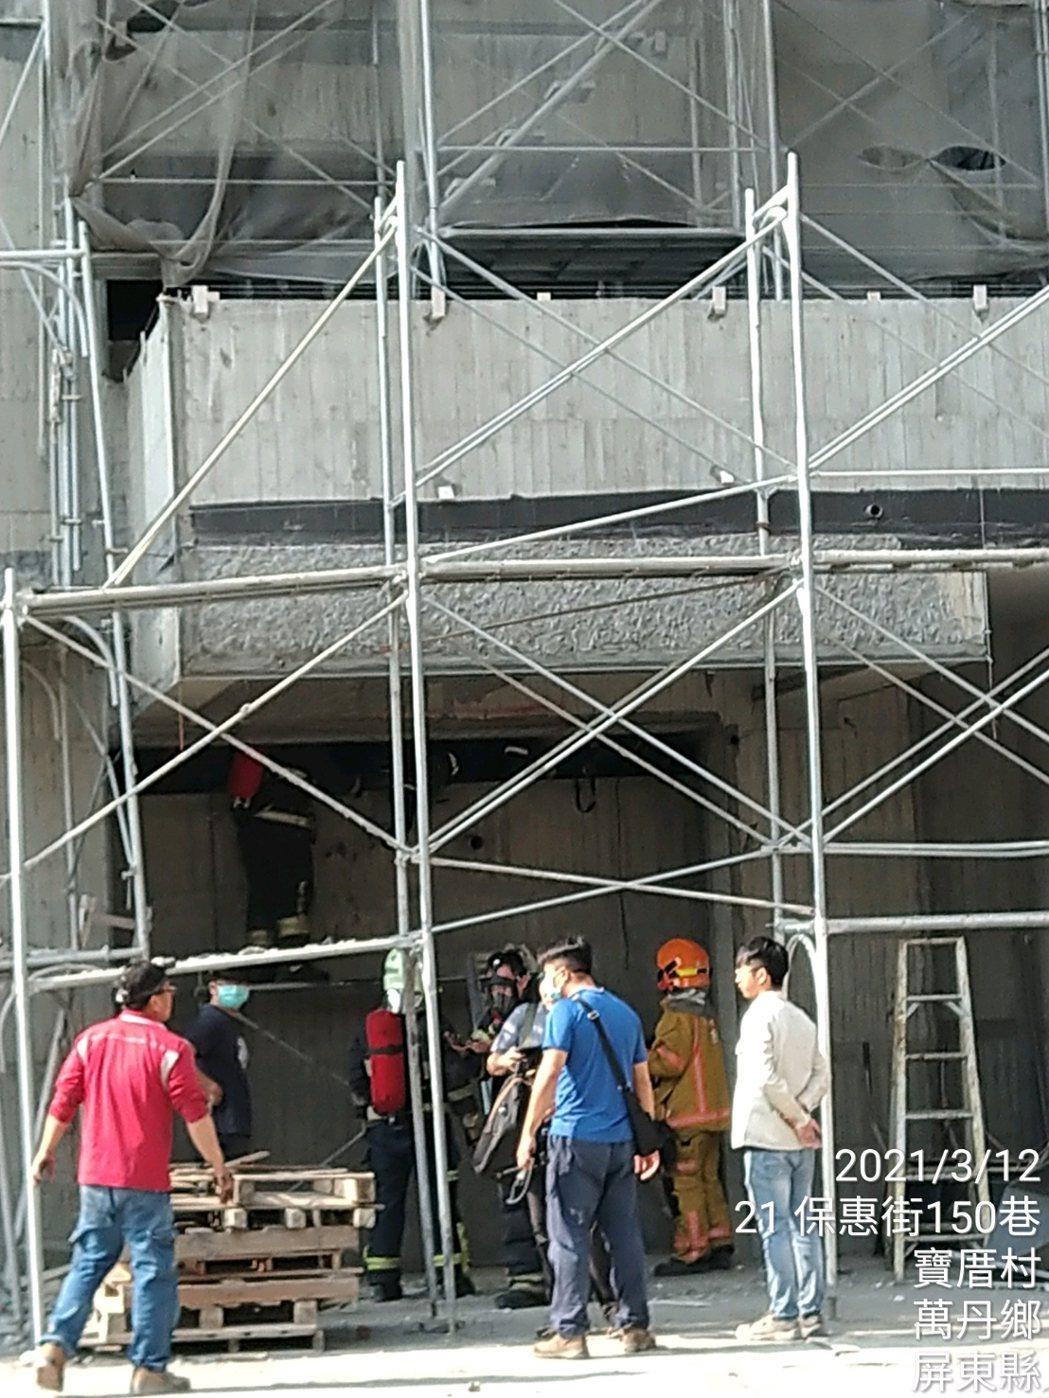 屏東萬丹一處工地有3名工人在密閉式蓄水池施工出現中毒意外,工人疑吸入不明氣體造成...